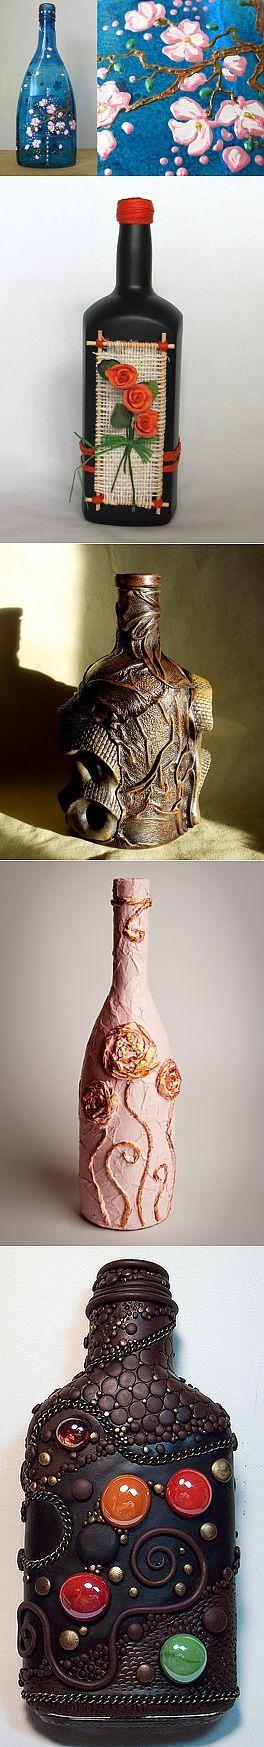 Украшения для дома: декор бутылок своими руками | Интерьер и Дизайн | Декор бутылок | Постила